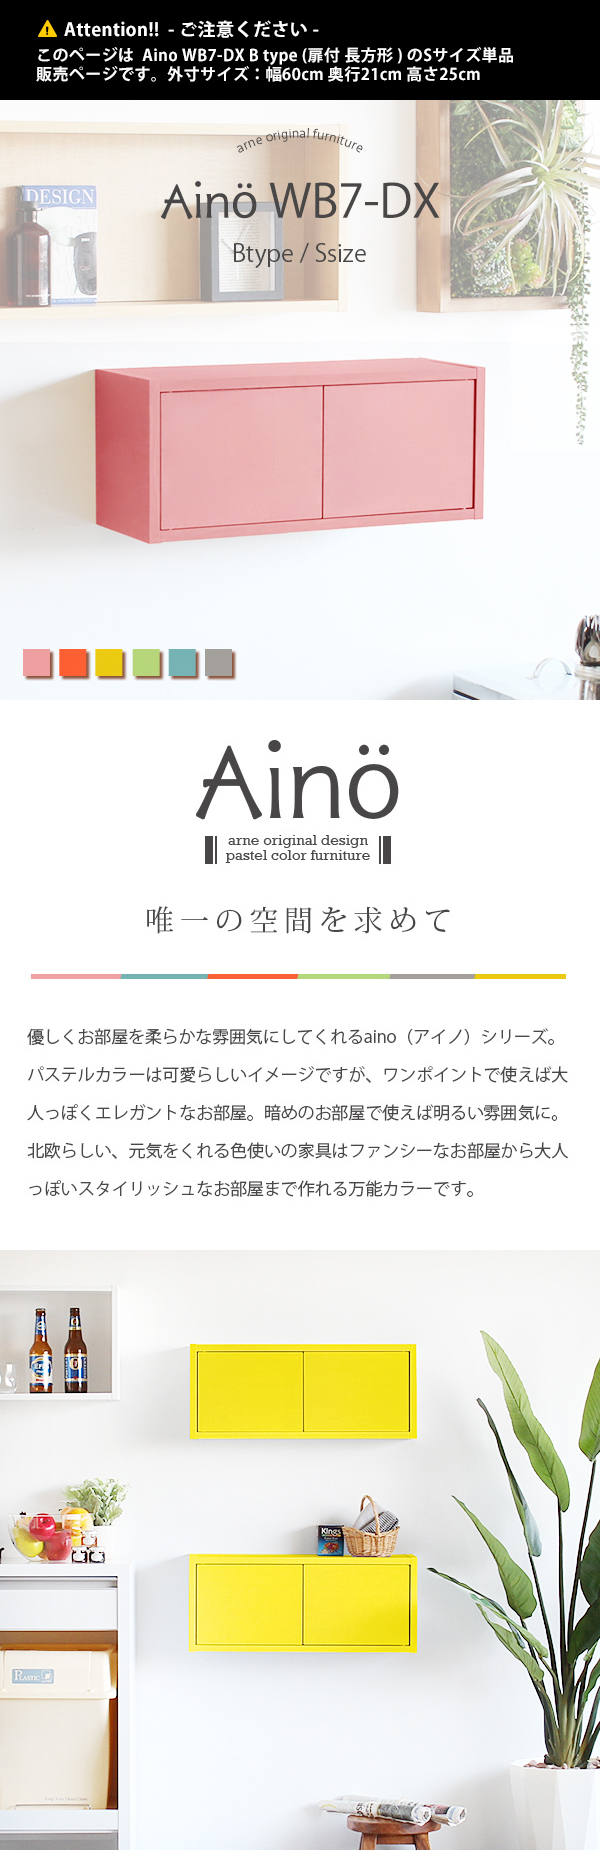 00a39146_sp1.jpg